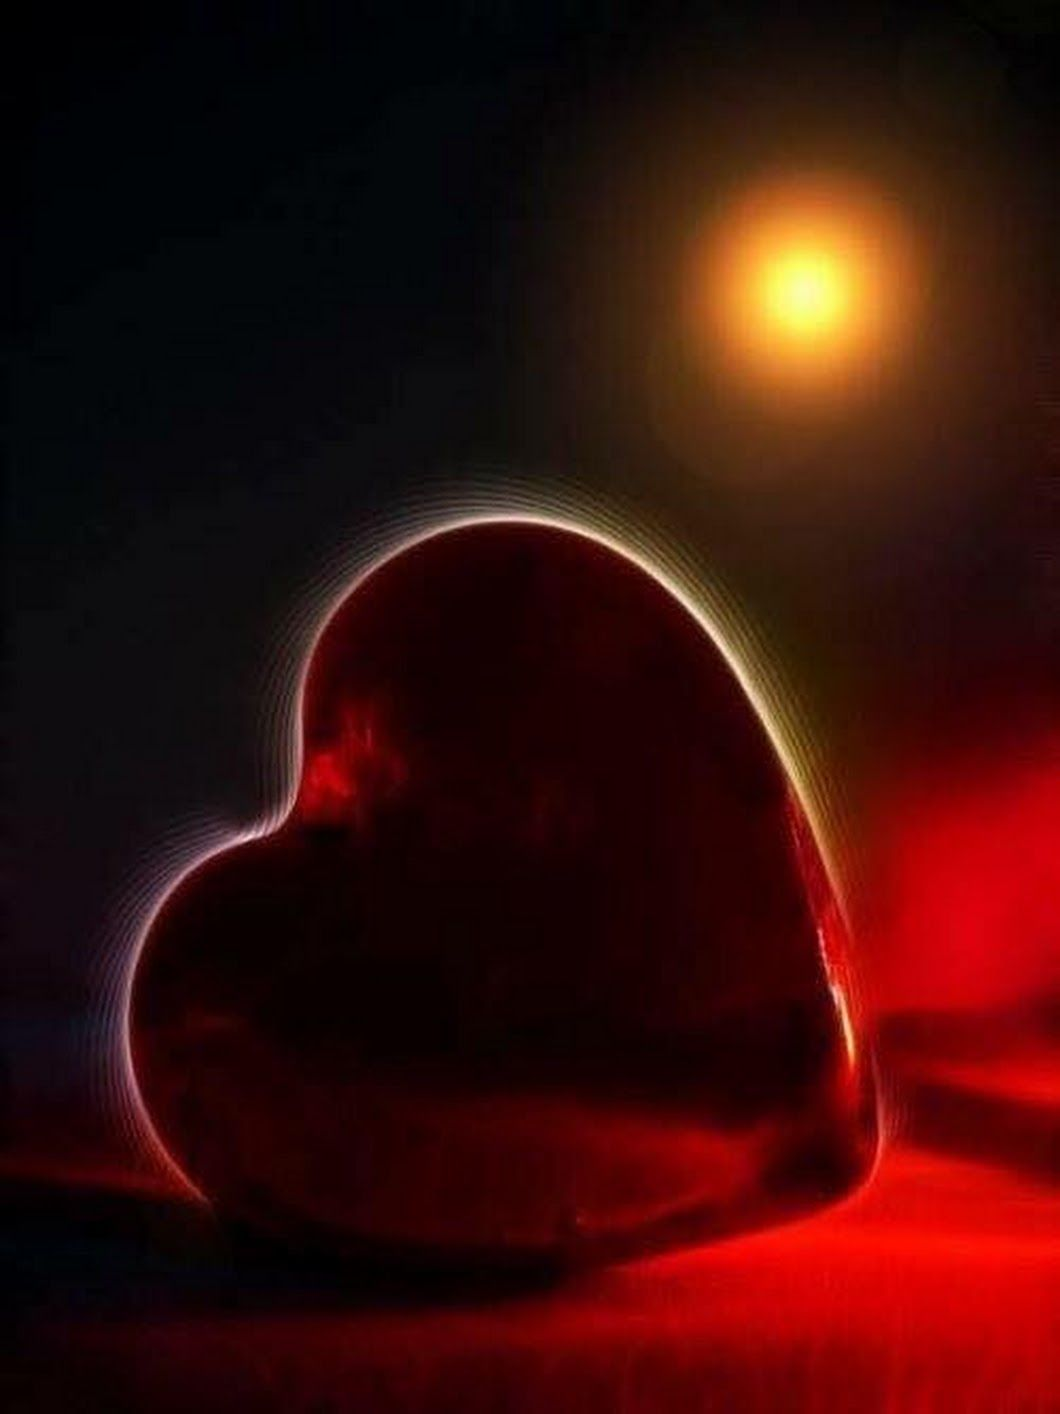 Pin De Kathy Perry Em Bom Dia Boa Noite Arvore Em Forma De Coracao Imagens Romanticas Imagens Perfeitas